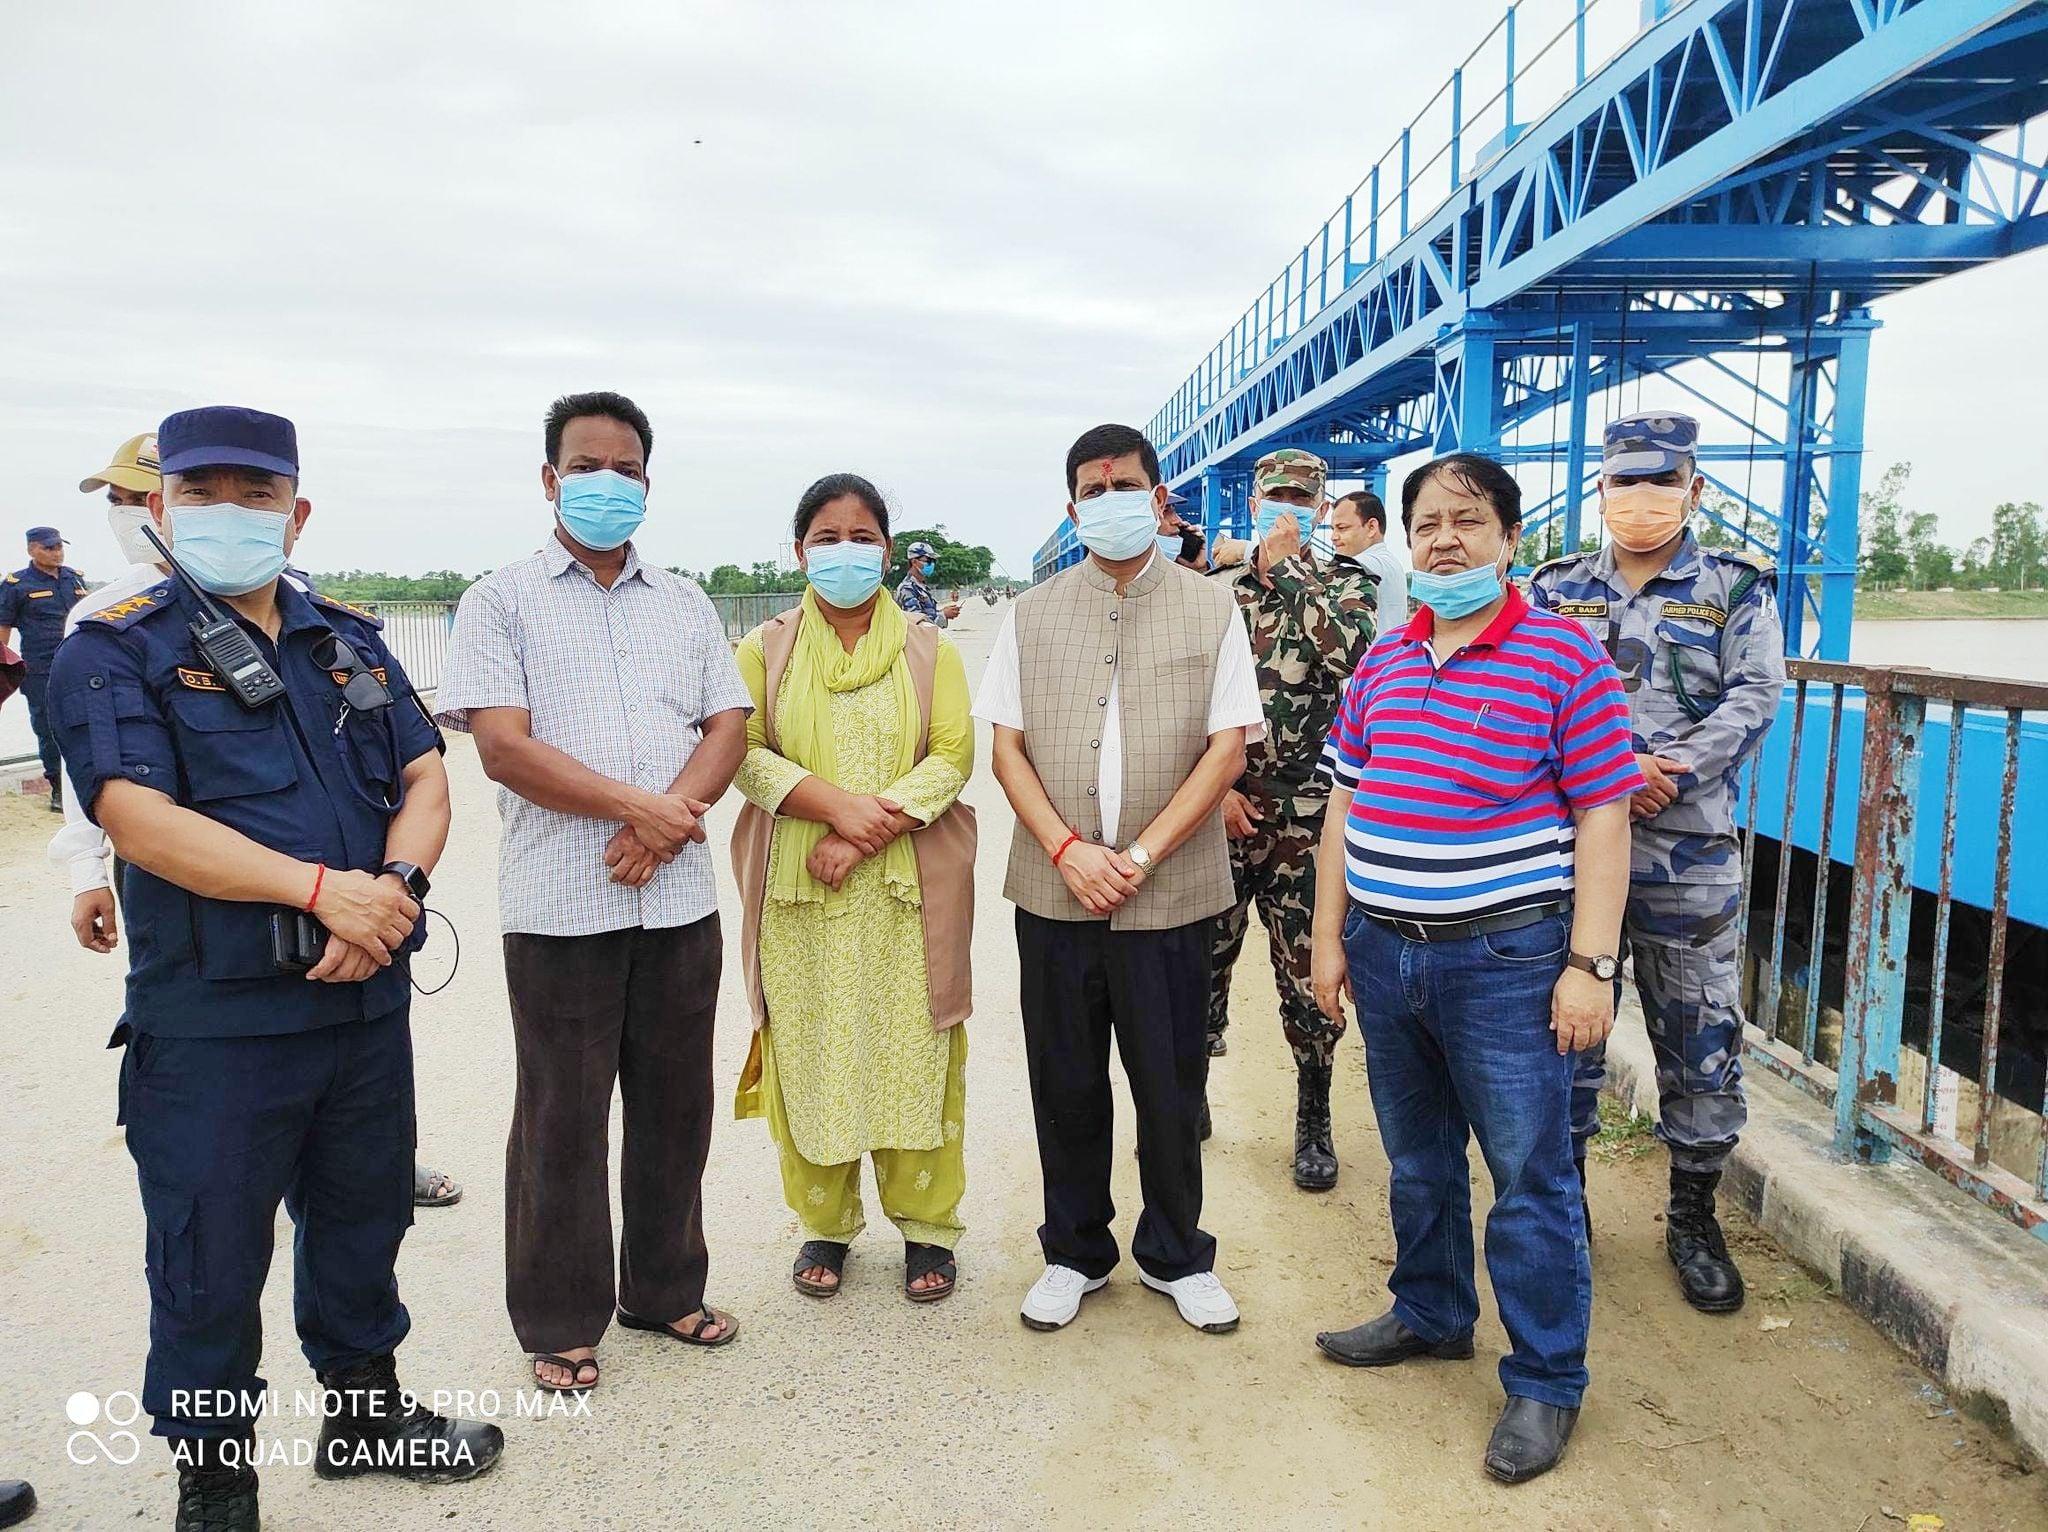 सांसद र बाँकेका सुरक्षा प्रमुखद्वारा लक्ष्मणपुर बाँध अवलोकन